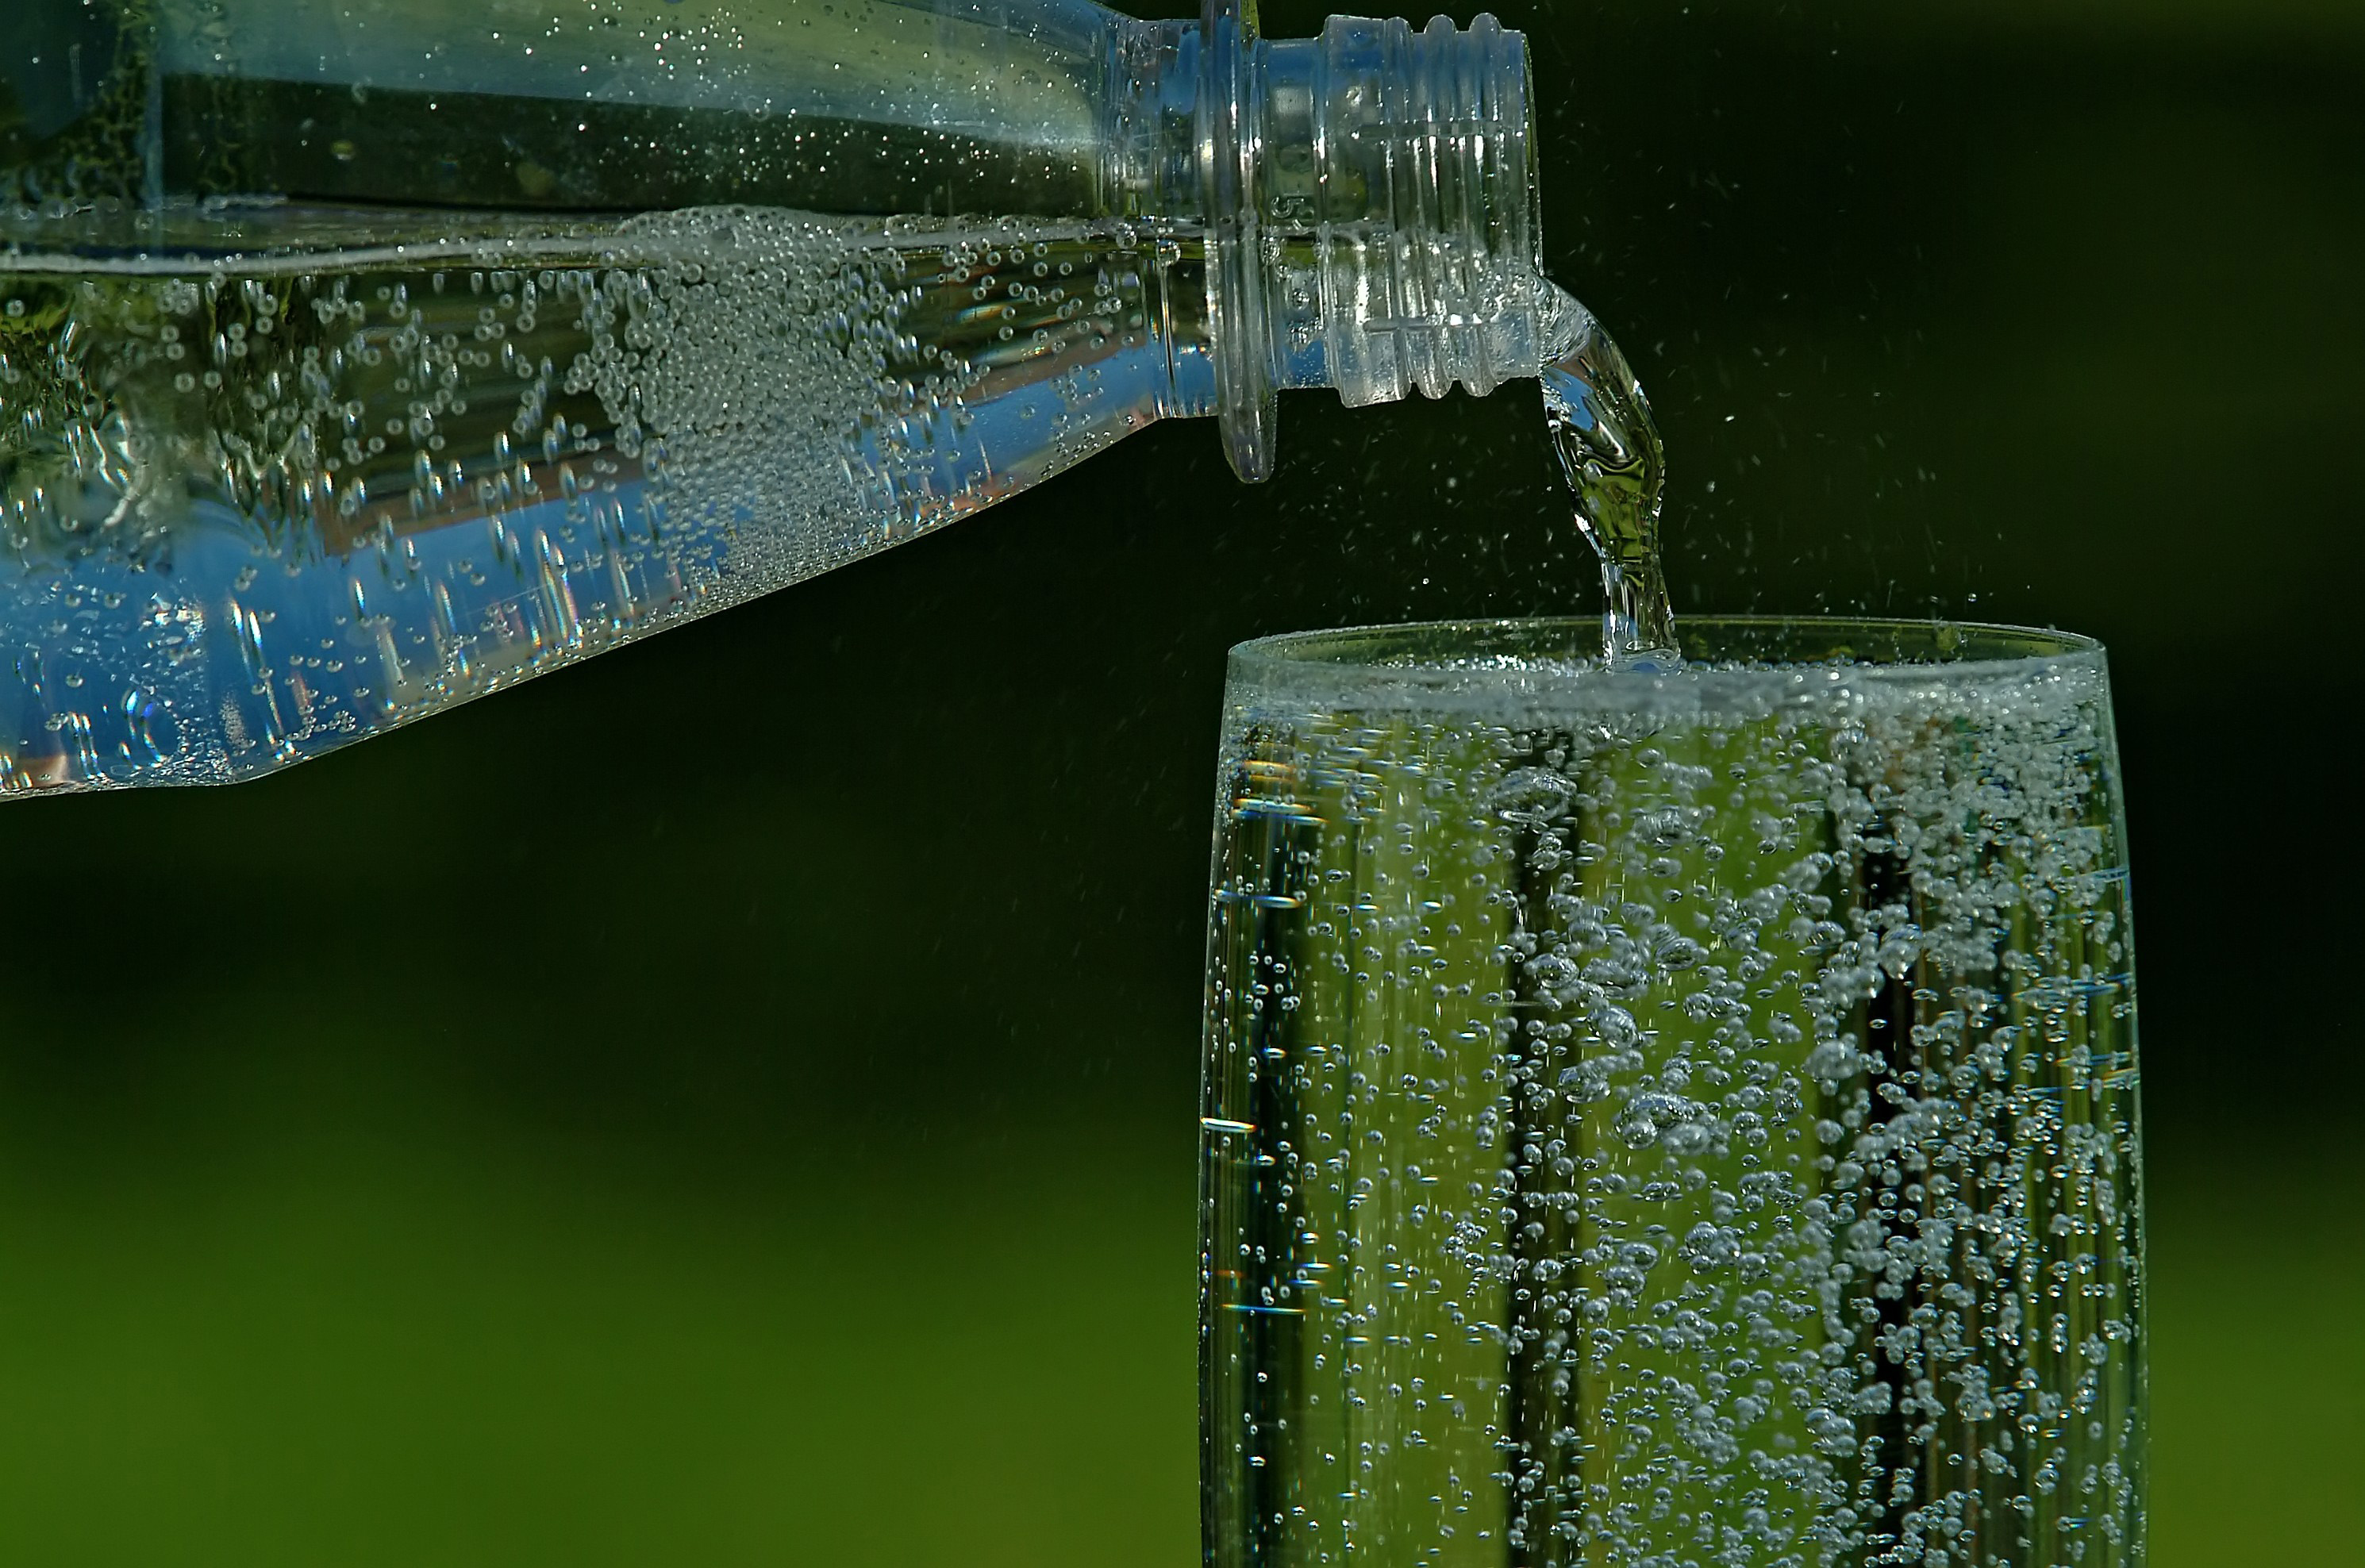 stiftung warentest testet mineralwasser wasseraufbereitung zum besseren ges nderen trinkwasser. Black Bedroom Furniture Sets. Home Design Ideas